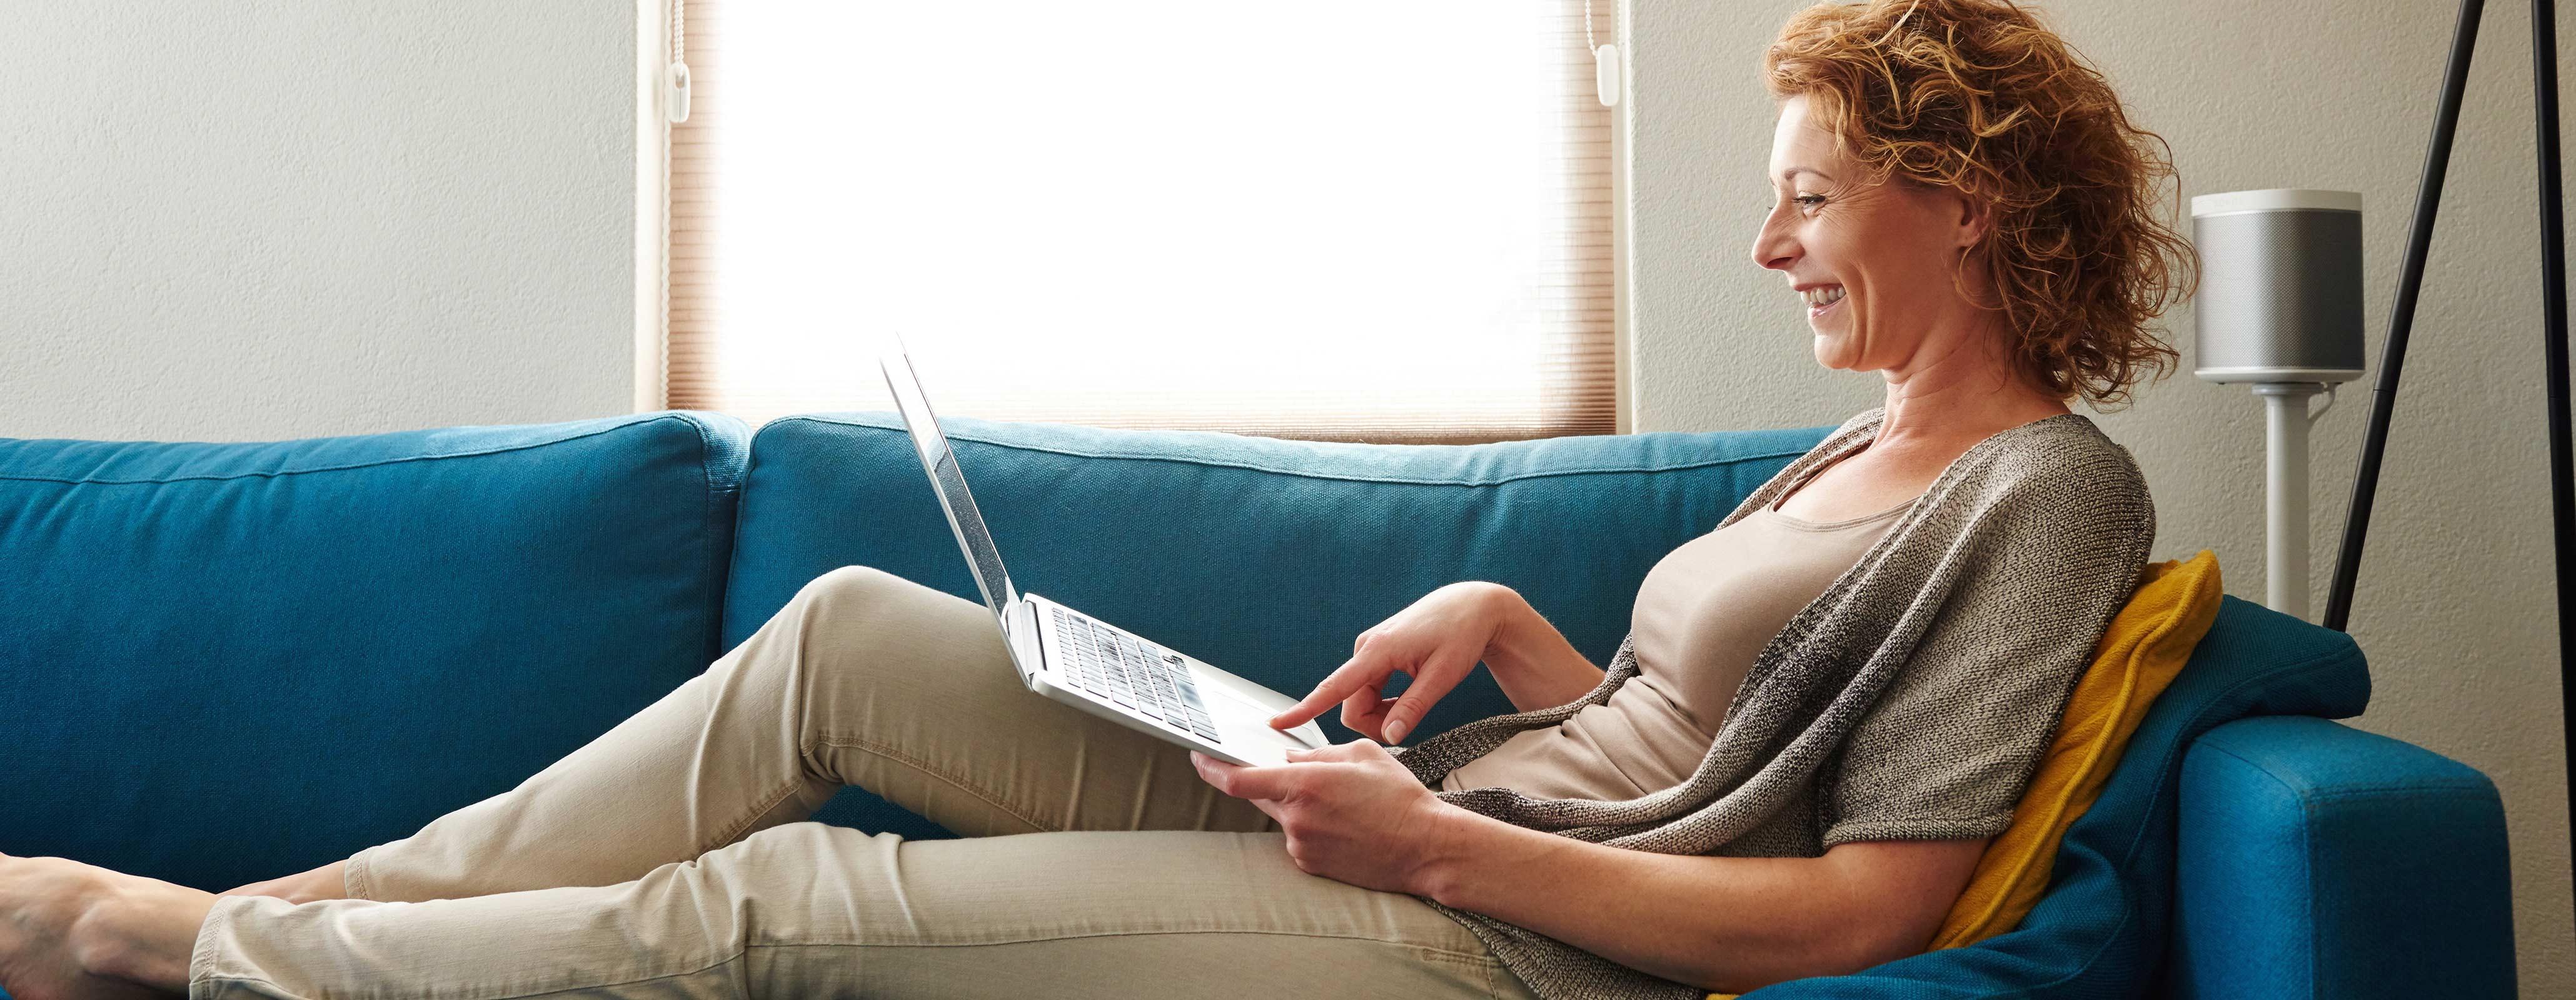 Vrouw op bank kijkt naar laptop